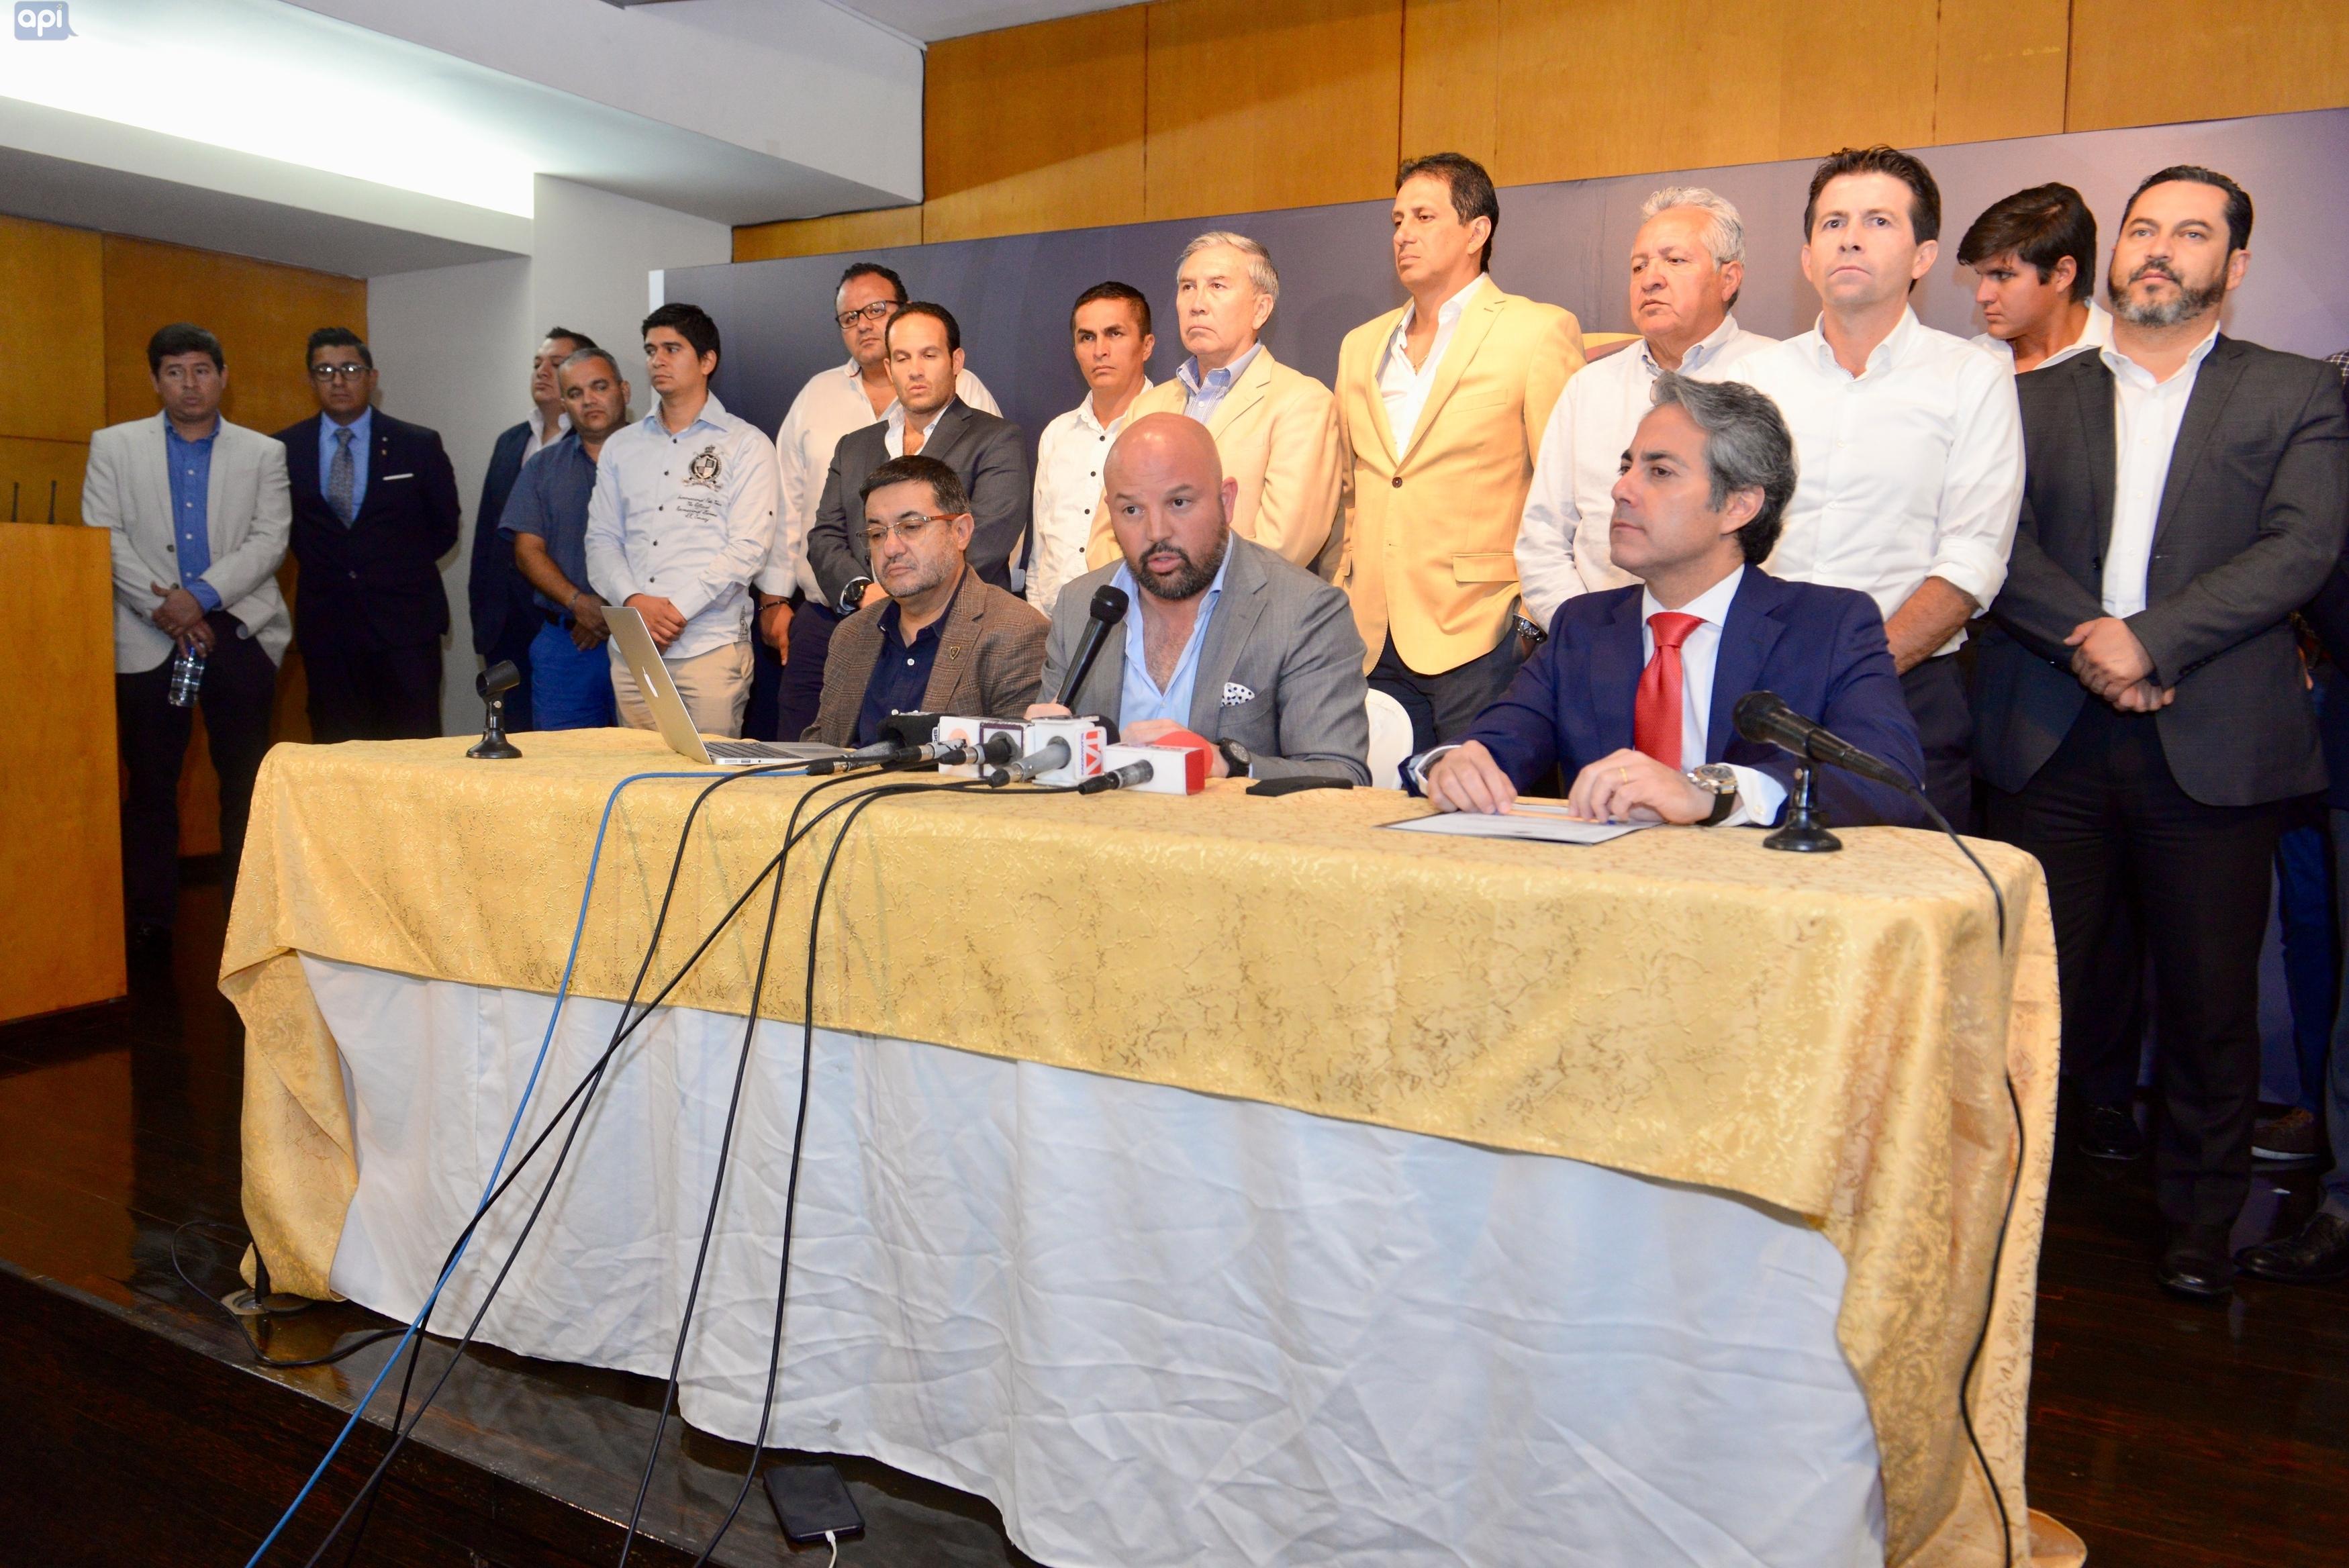 Miguel Ángel Loor palpita con gran ilusión el arranque del campeonato ecuatoriano, organizado por la Liga Pro